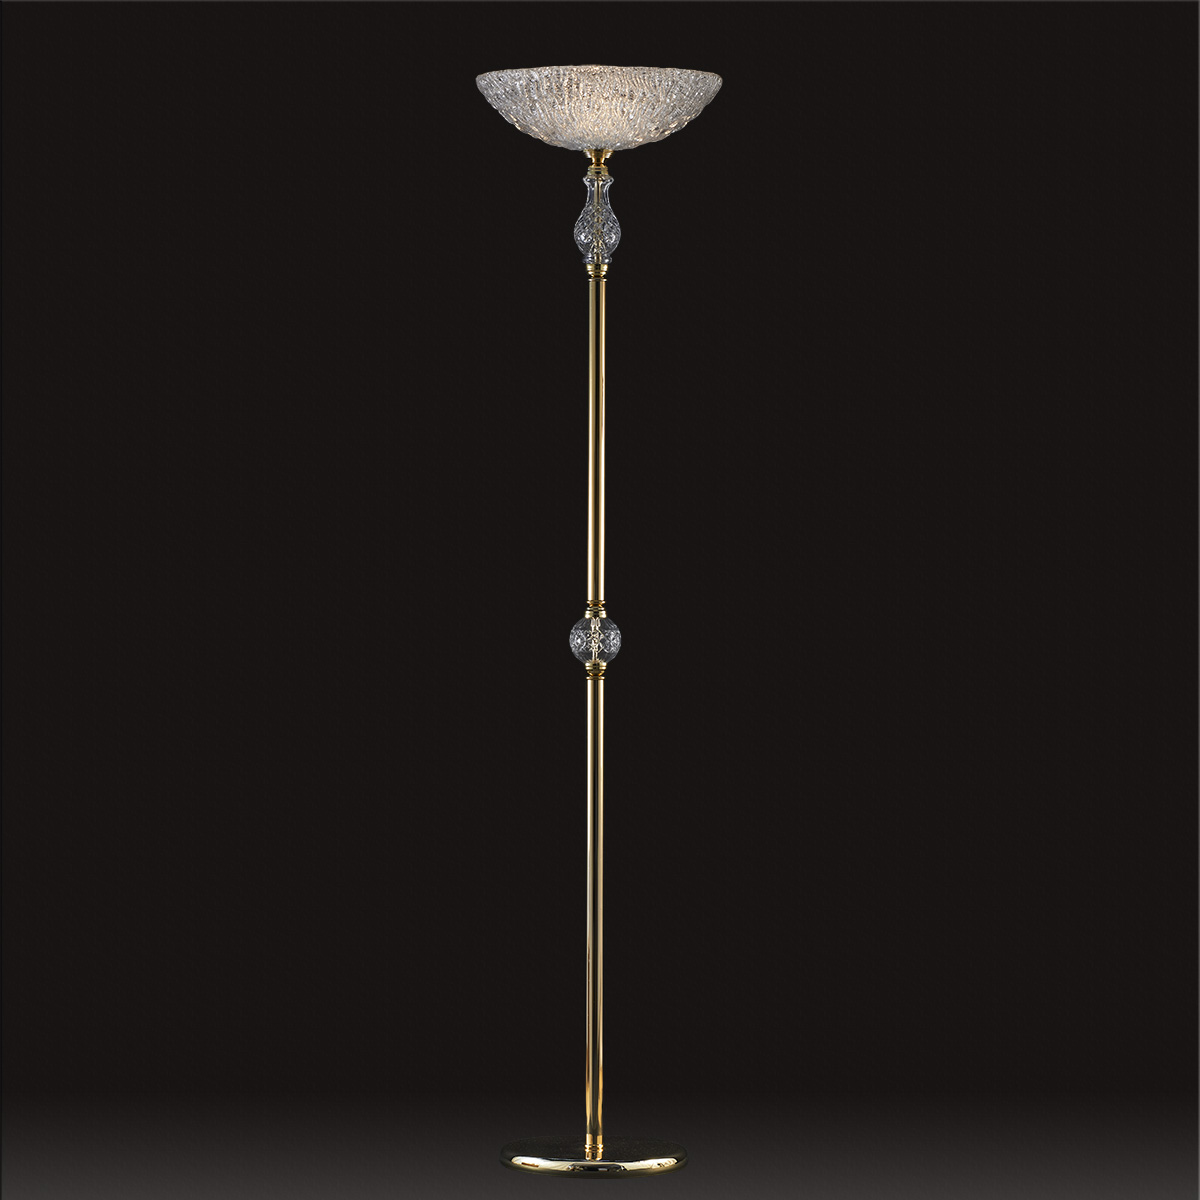 Κλασικό φωτιστικό δαπέδου με κρύσταλλα ΒΕΡΓΙΝΑ classic floor lamp with crystal accents